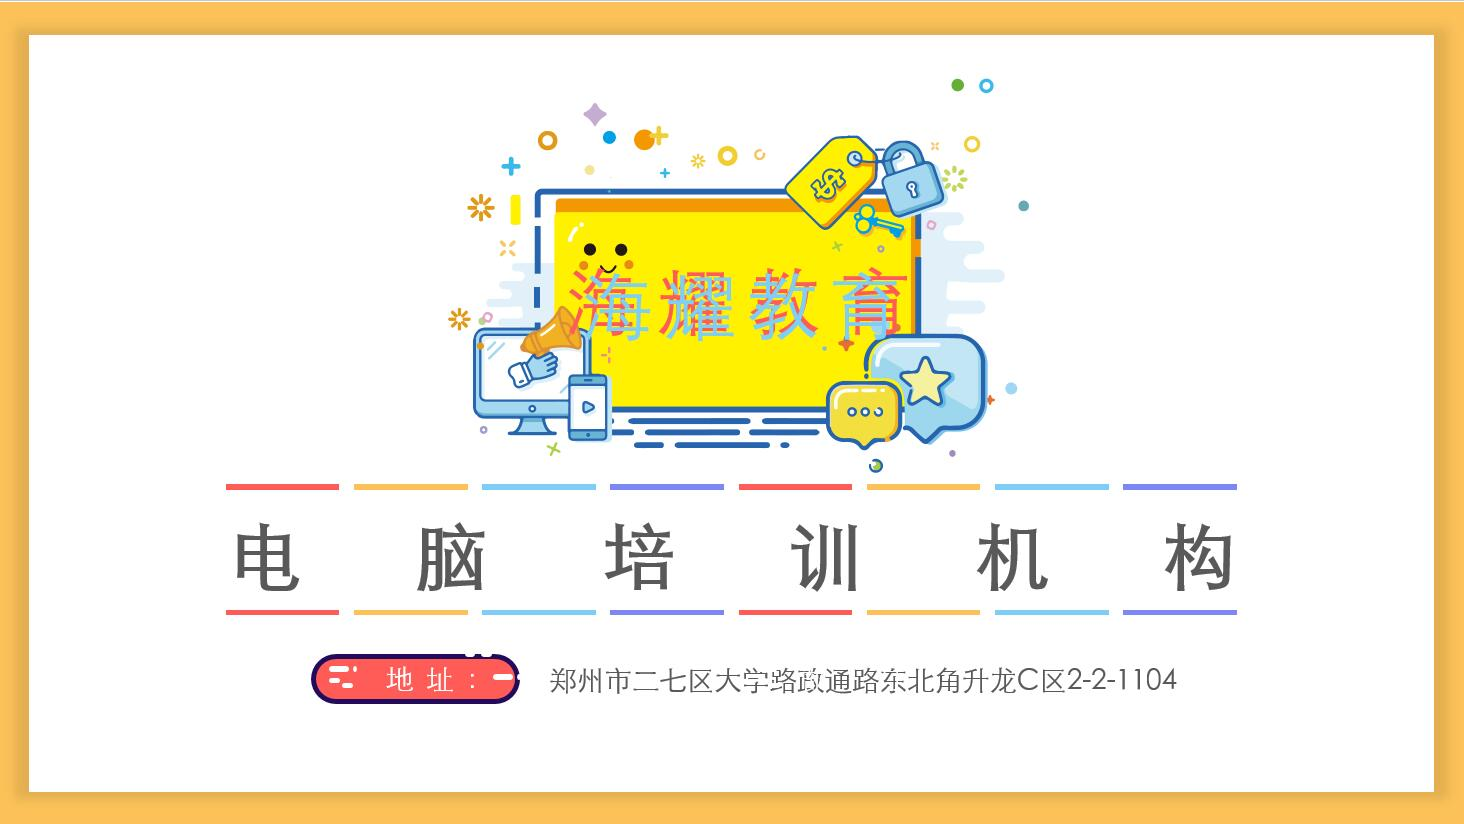 郑州办公软件培训office文秘培训